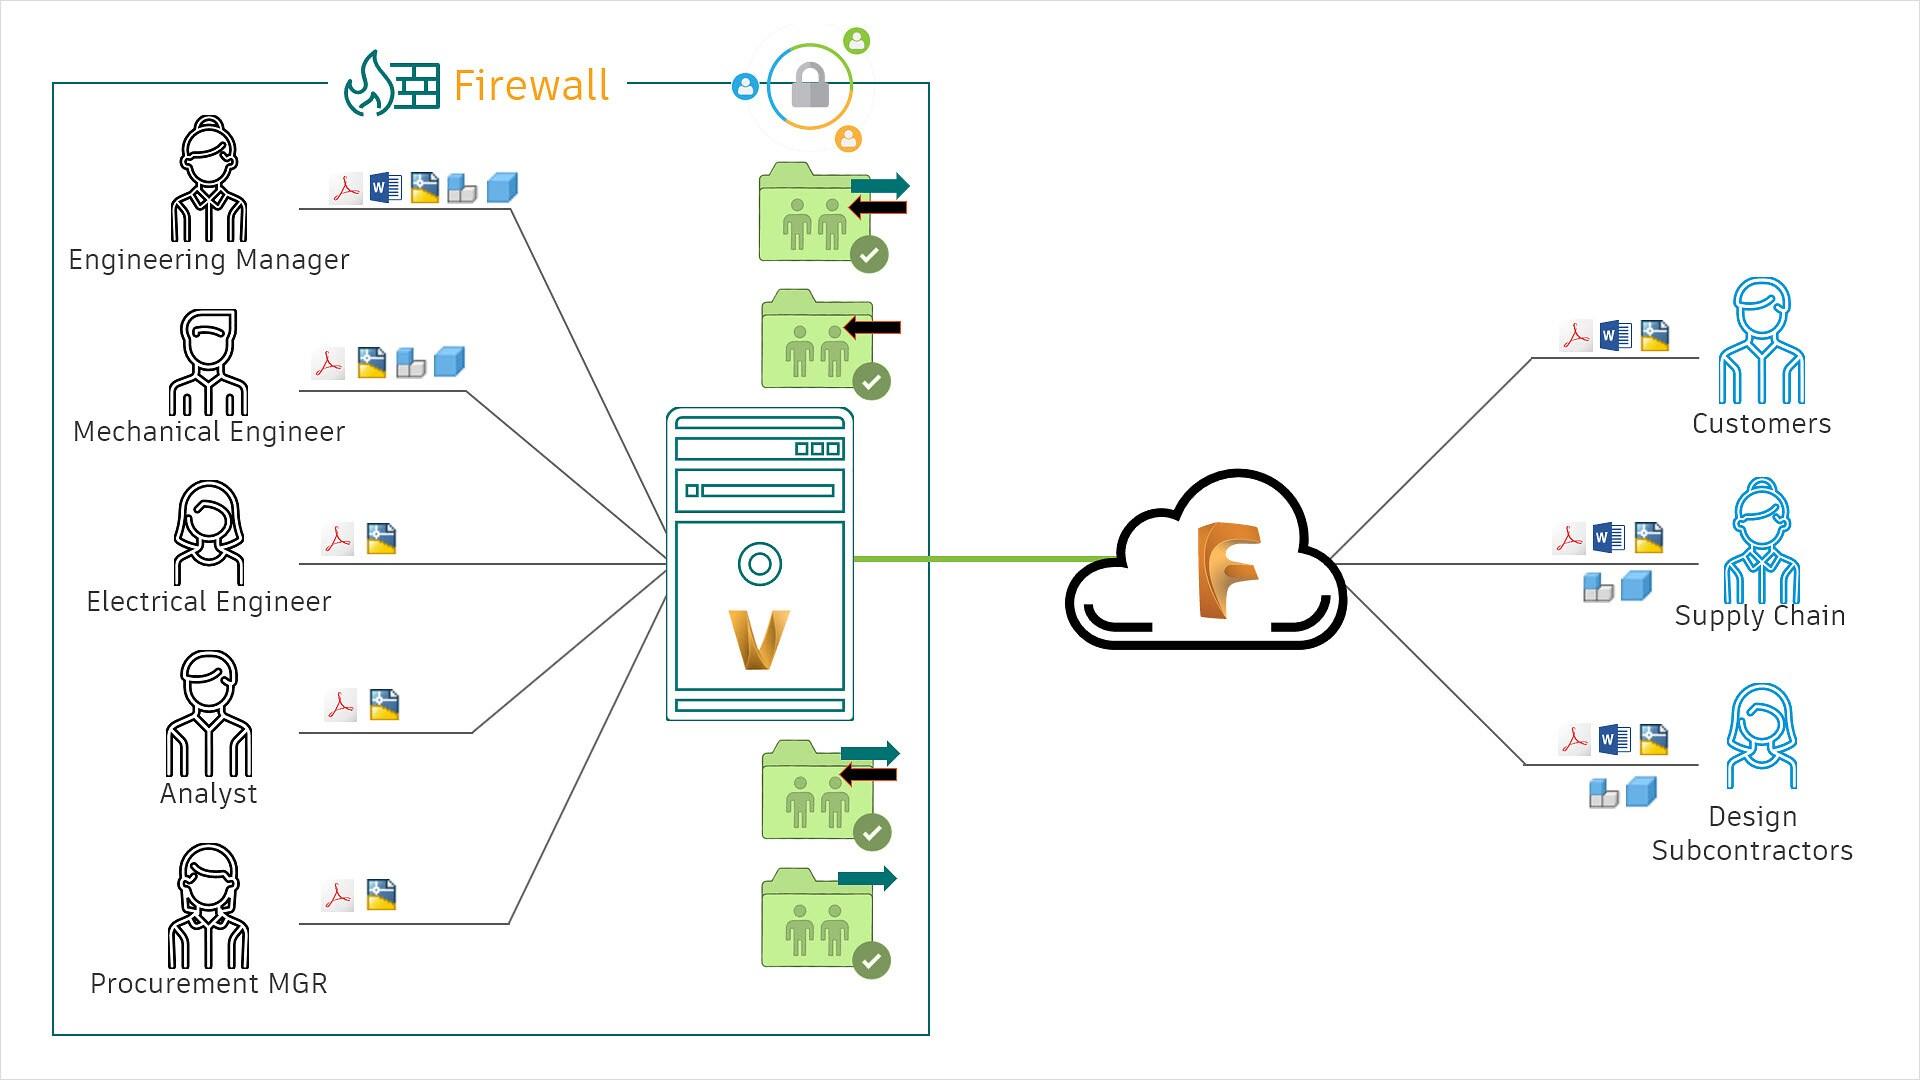 Brugergrænseflade for Vault PDM med Execute Copy valgt og Copy Design-panelet åbent